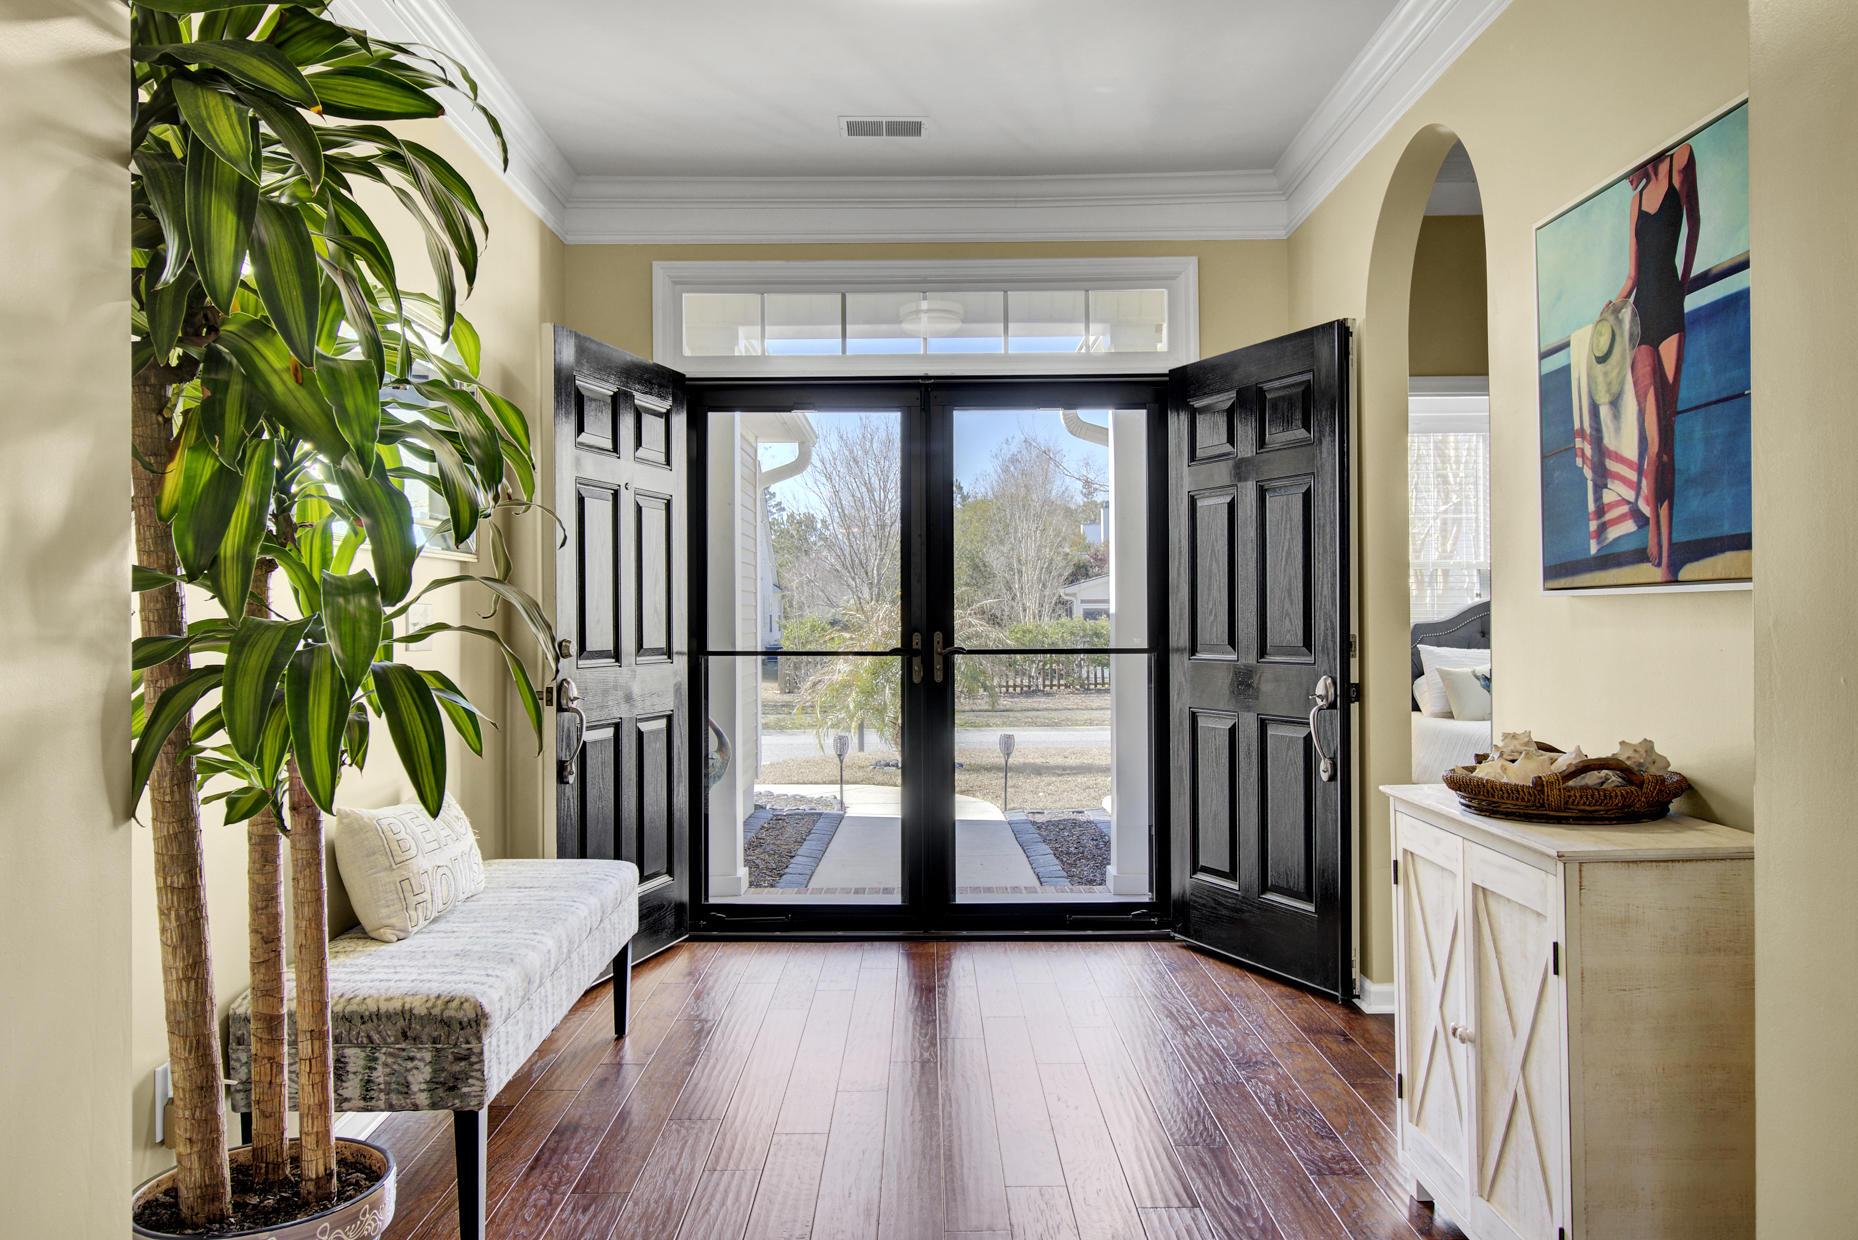 Park West Homes For Sale - 1497 Endicot, Mount Pleasant, SC - 16